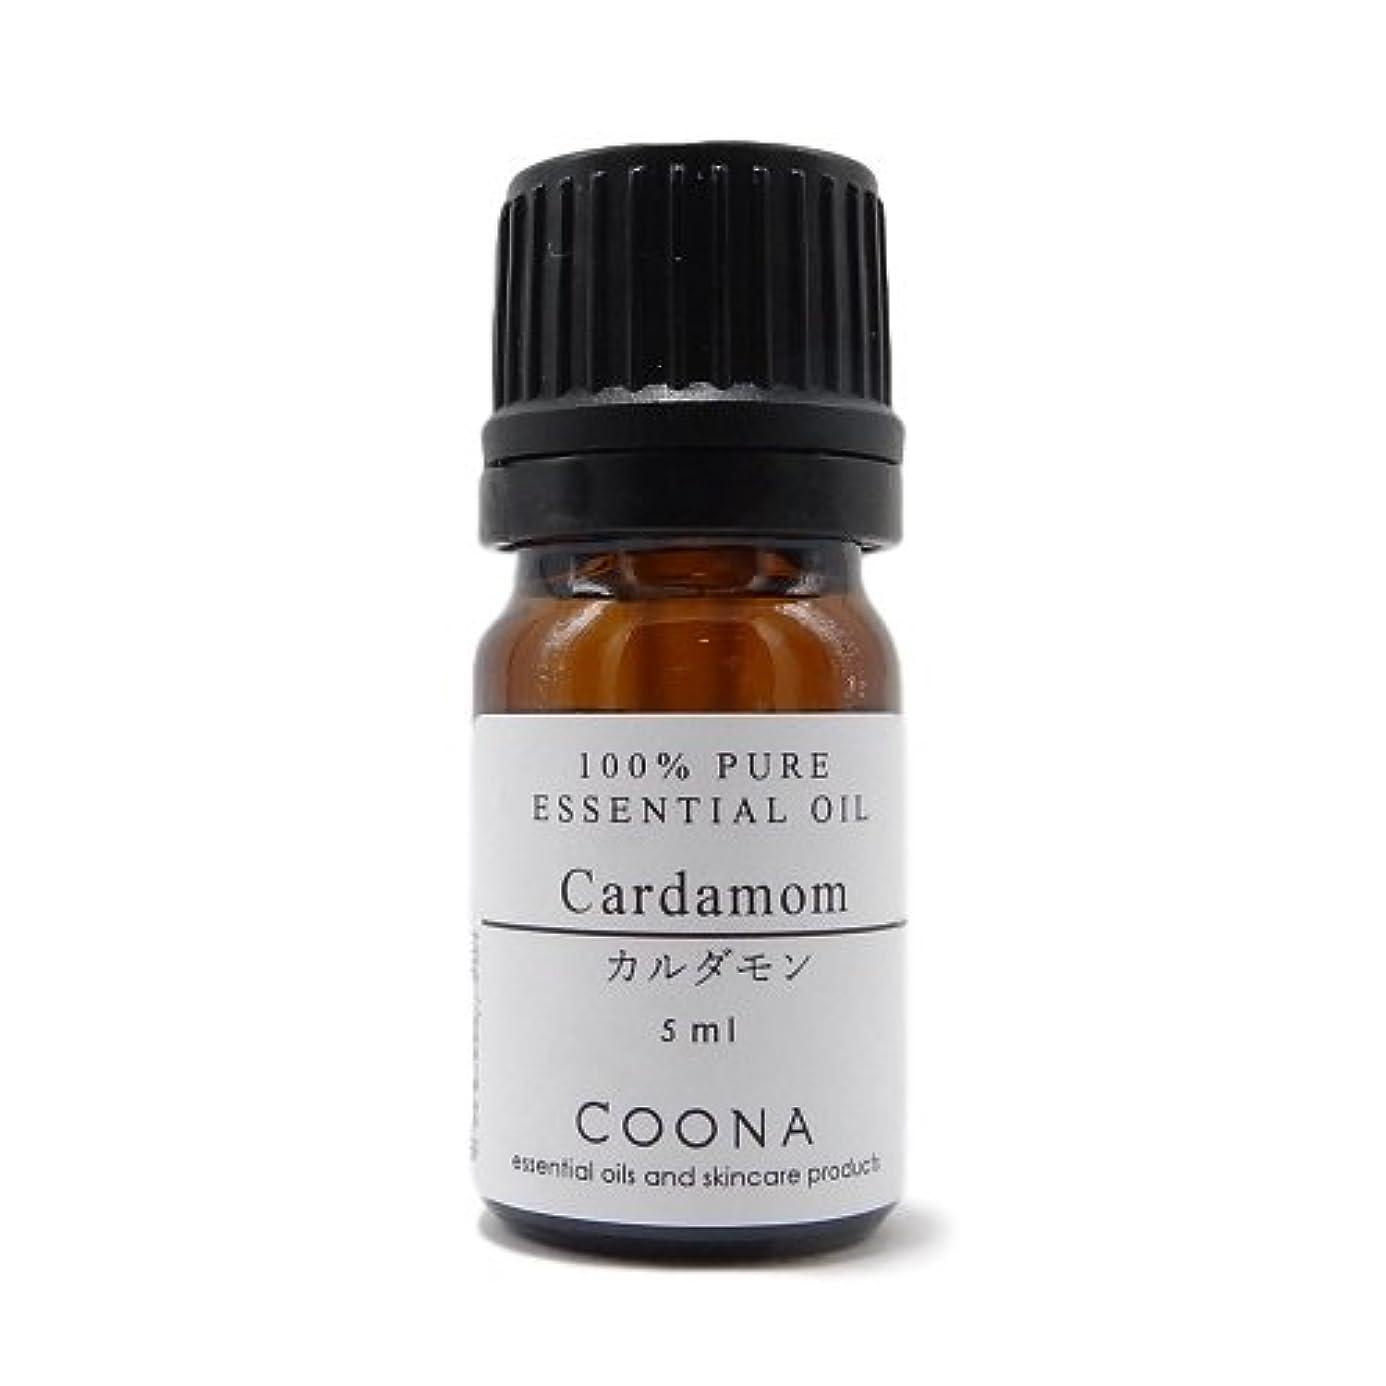 挑発する磁器放出カルダモン 5 ml (COONA エッセンシャルオイル アロマオイル 100%天然植物精油)